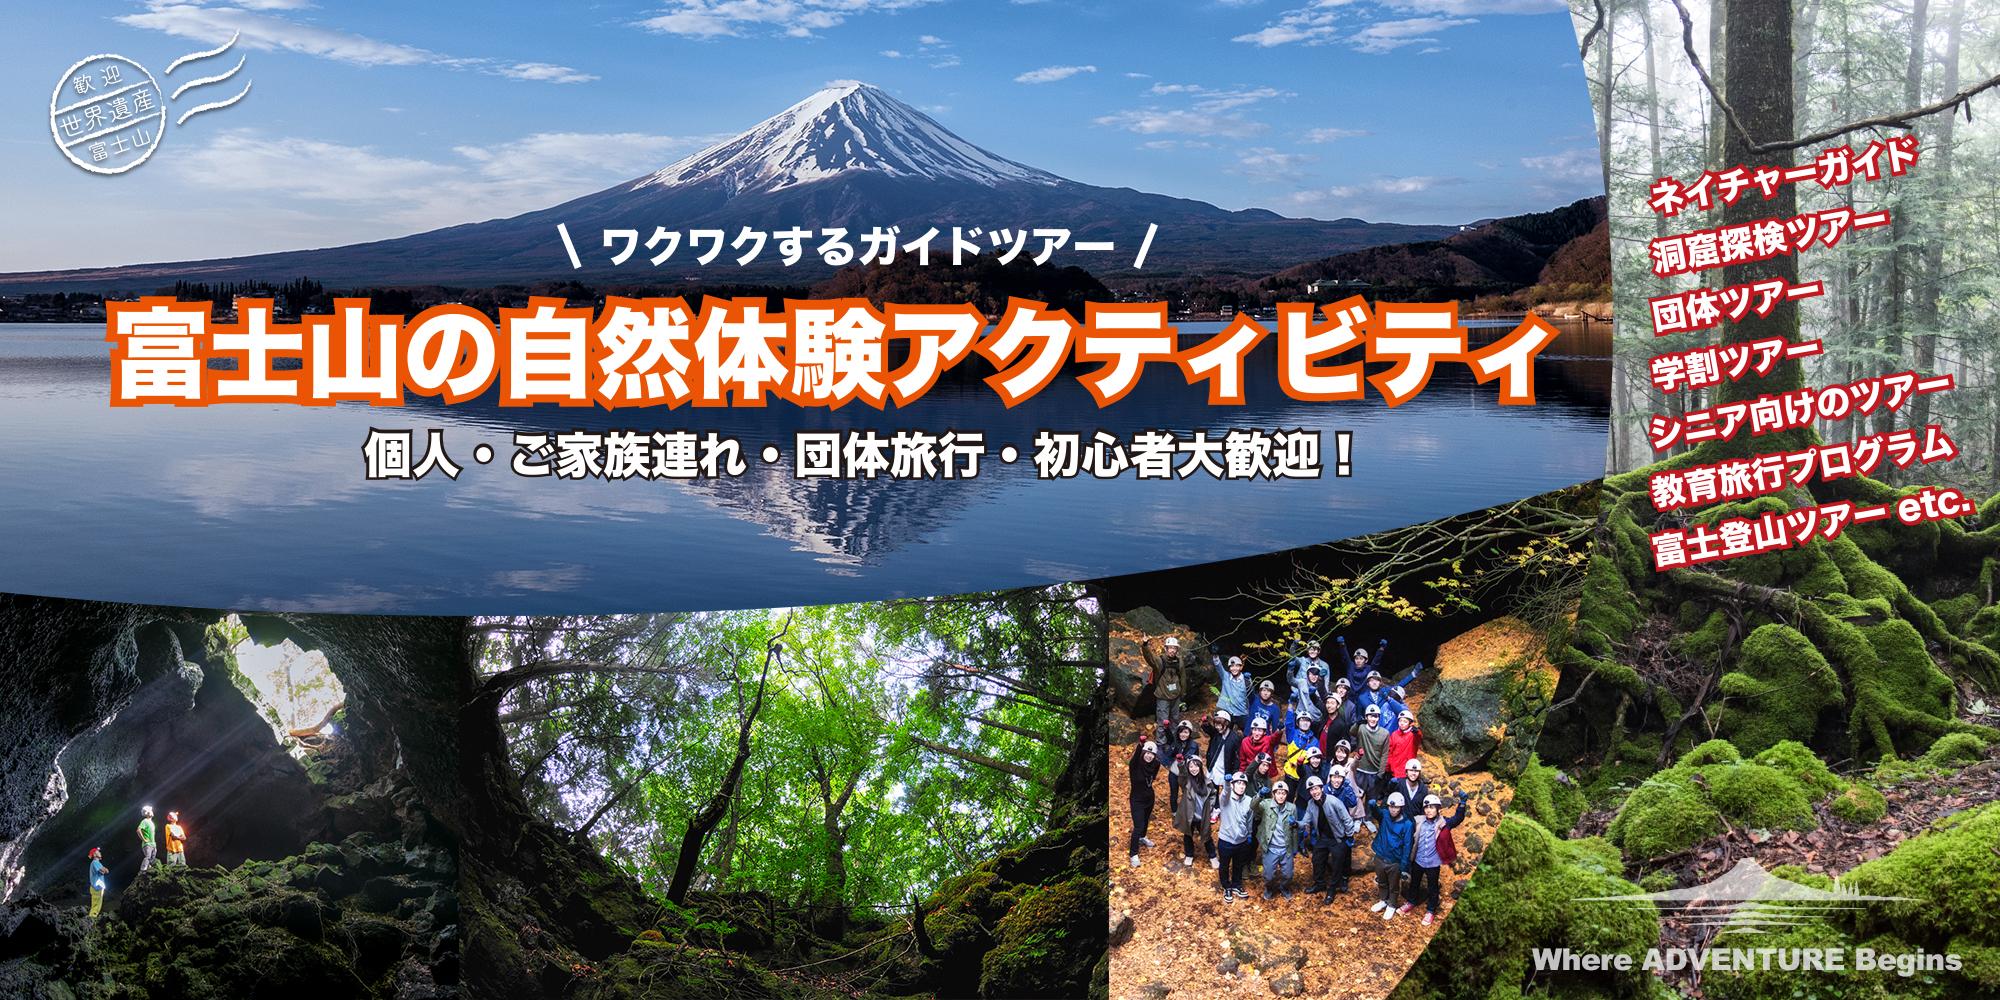 富士山の自然体験アクティビティ・ワクワクするガイドツアー